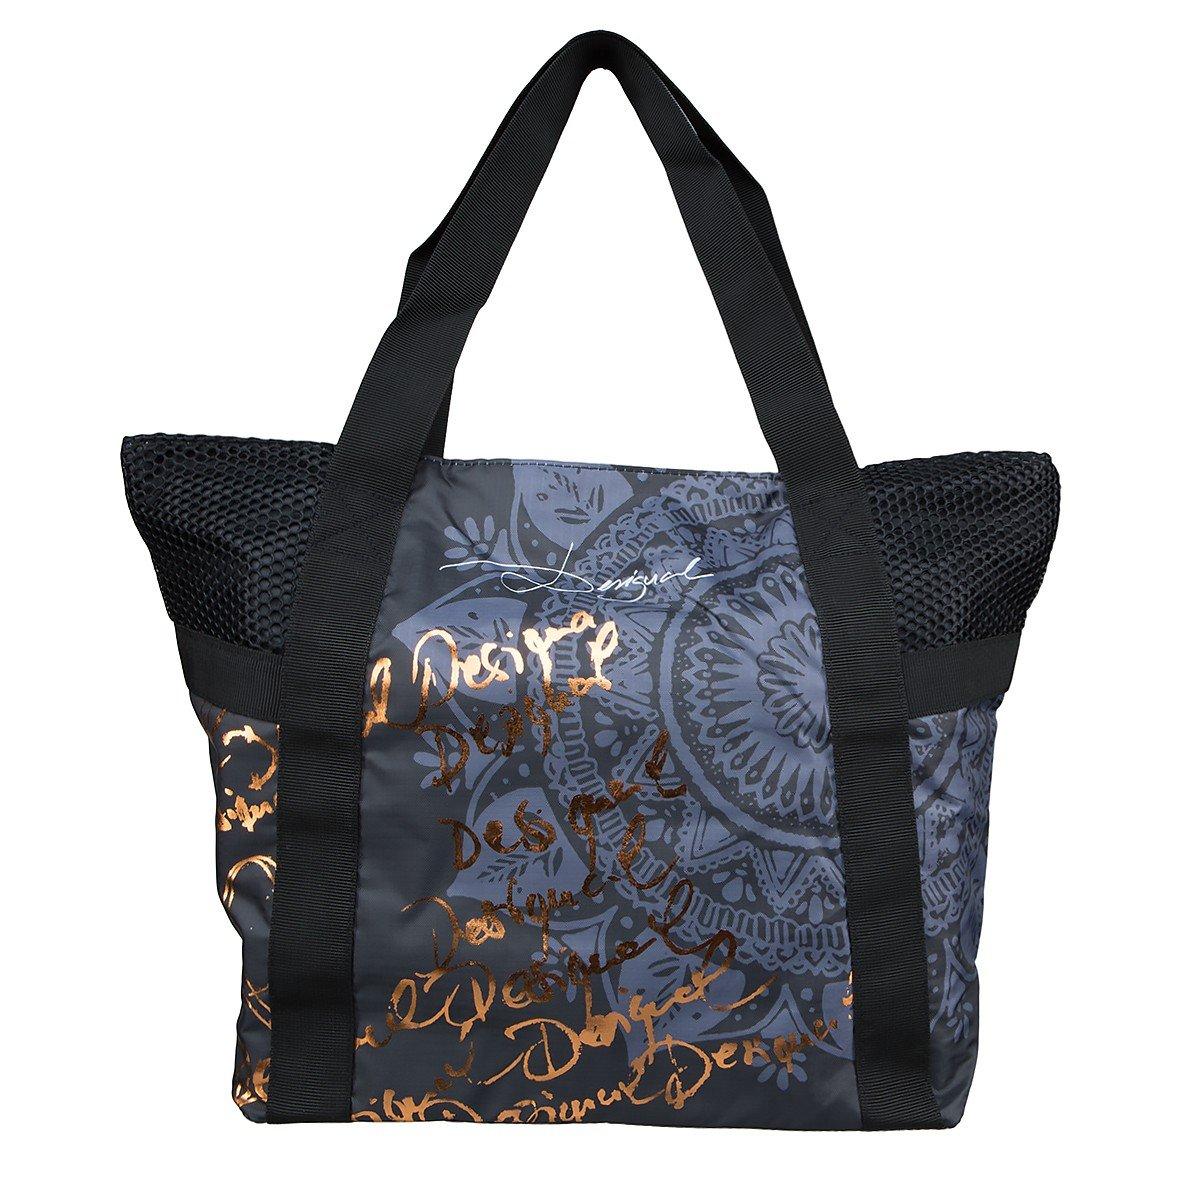 Desigual Bols Shopping Bag G Dorado